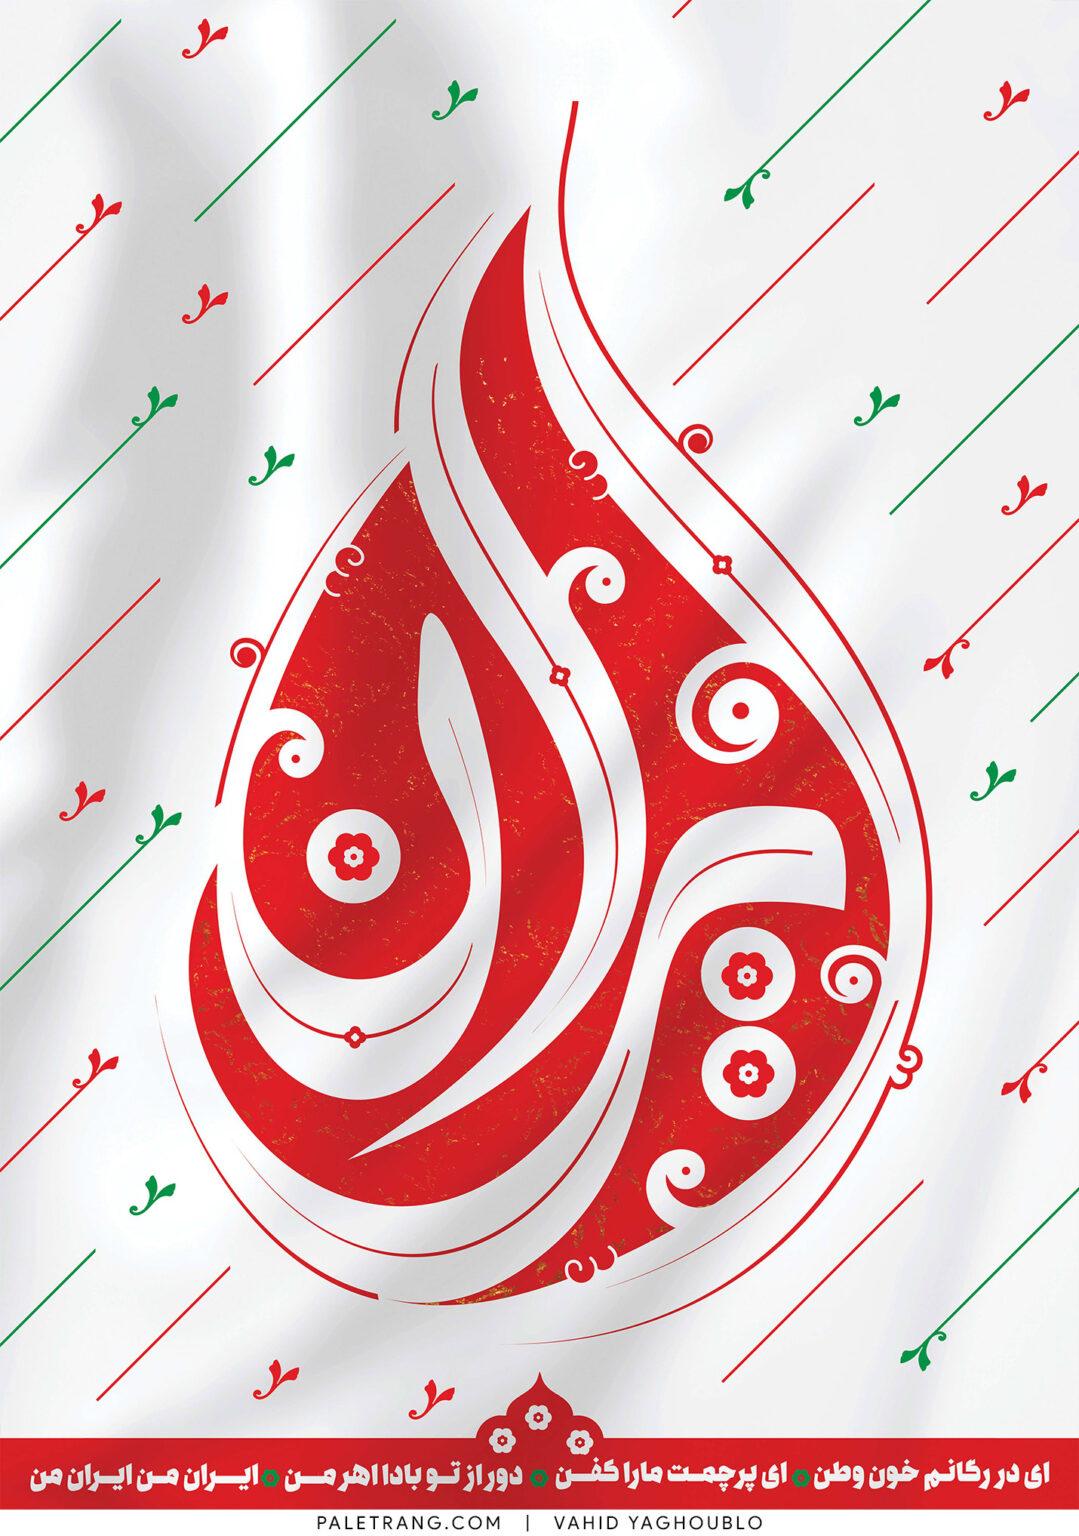 پوستر پرجم ایران اثر وحید یعقوبلو